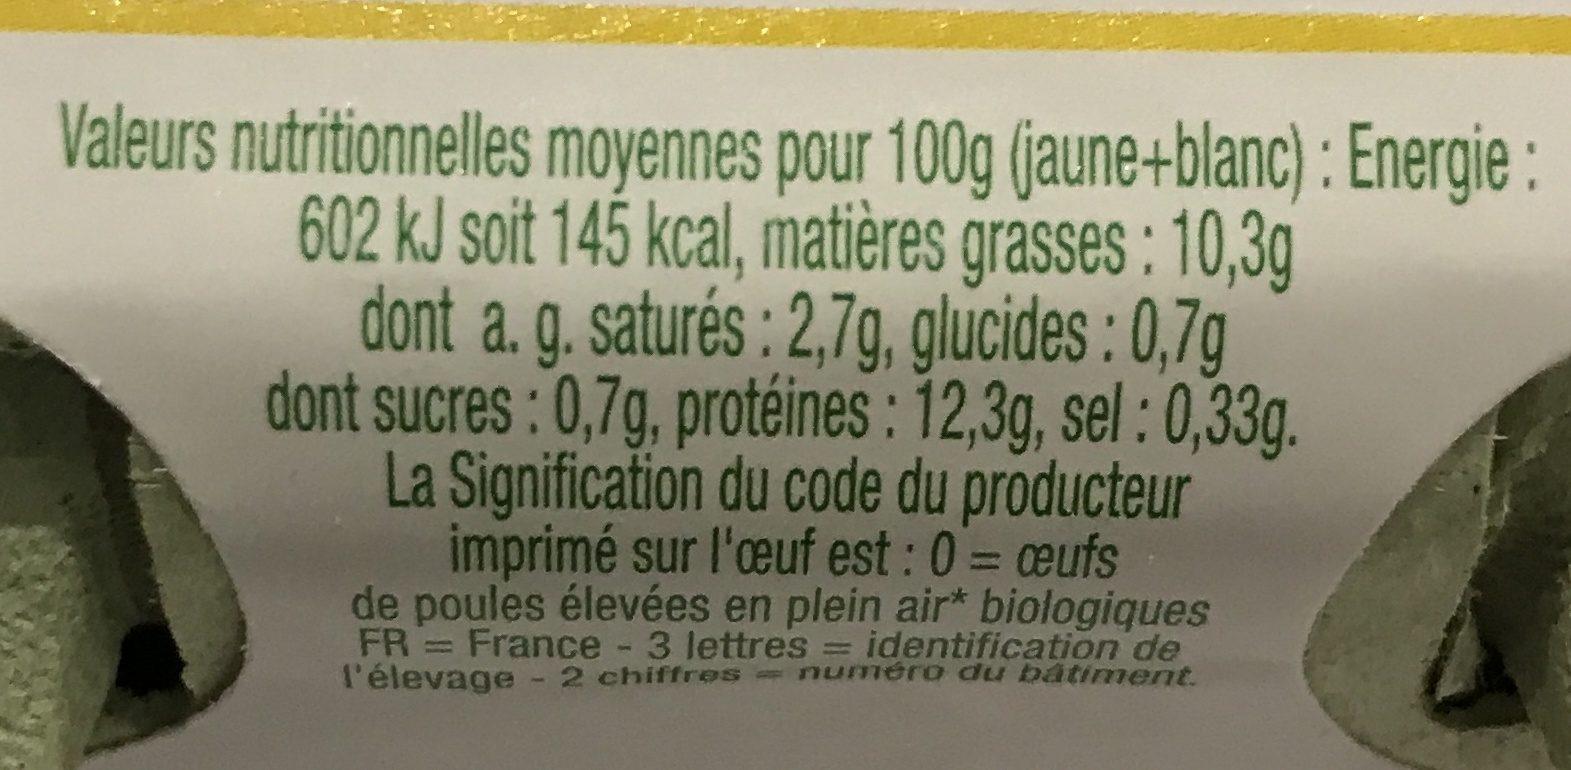 6 oeufs de poules élevées en plein air - Ingrédients - fr